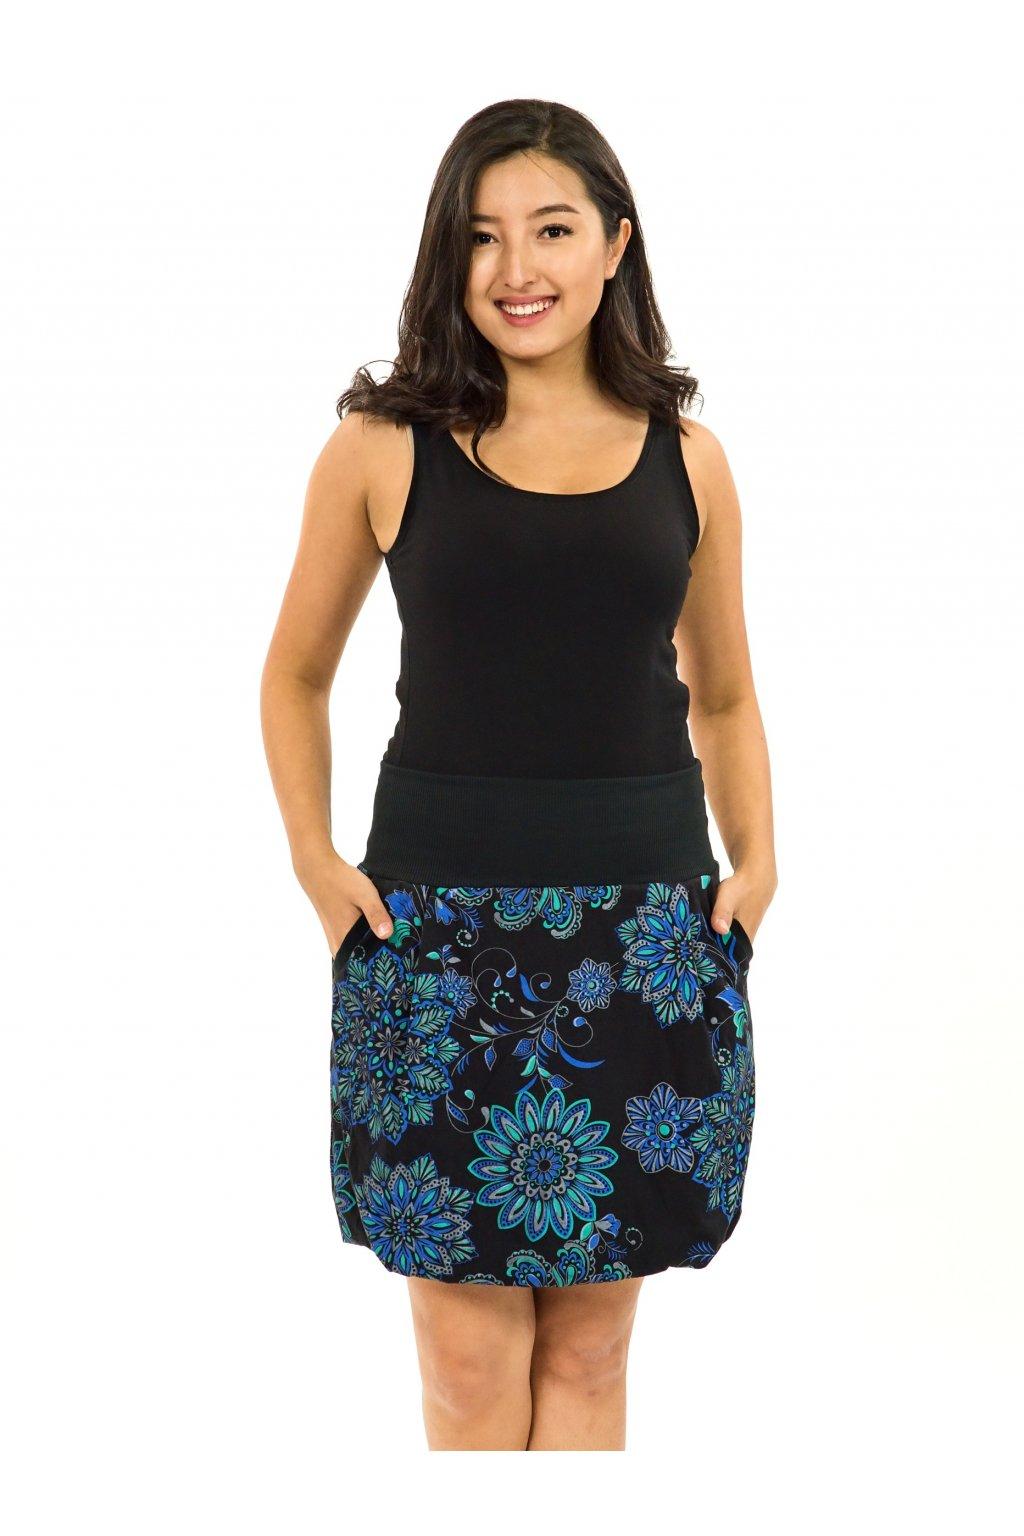 Balonová sukně Madia - černá s tyrkysovou